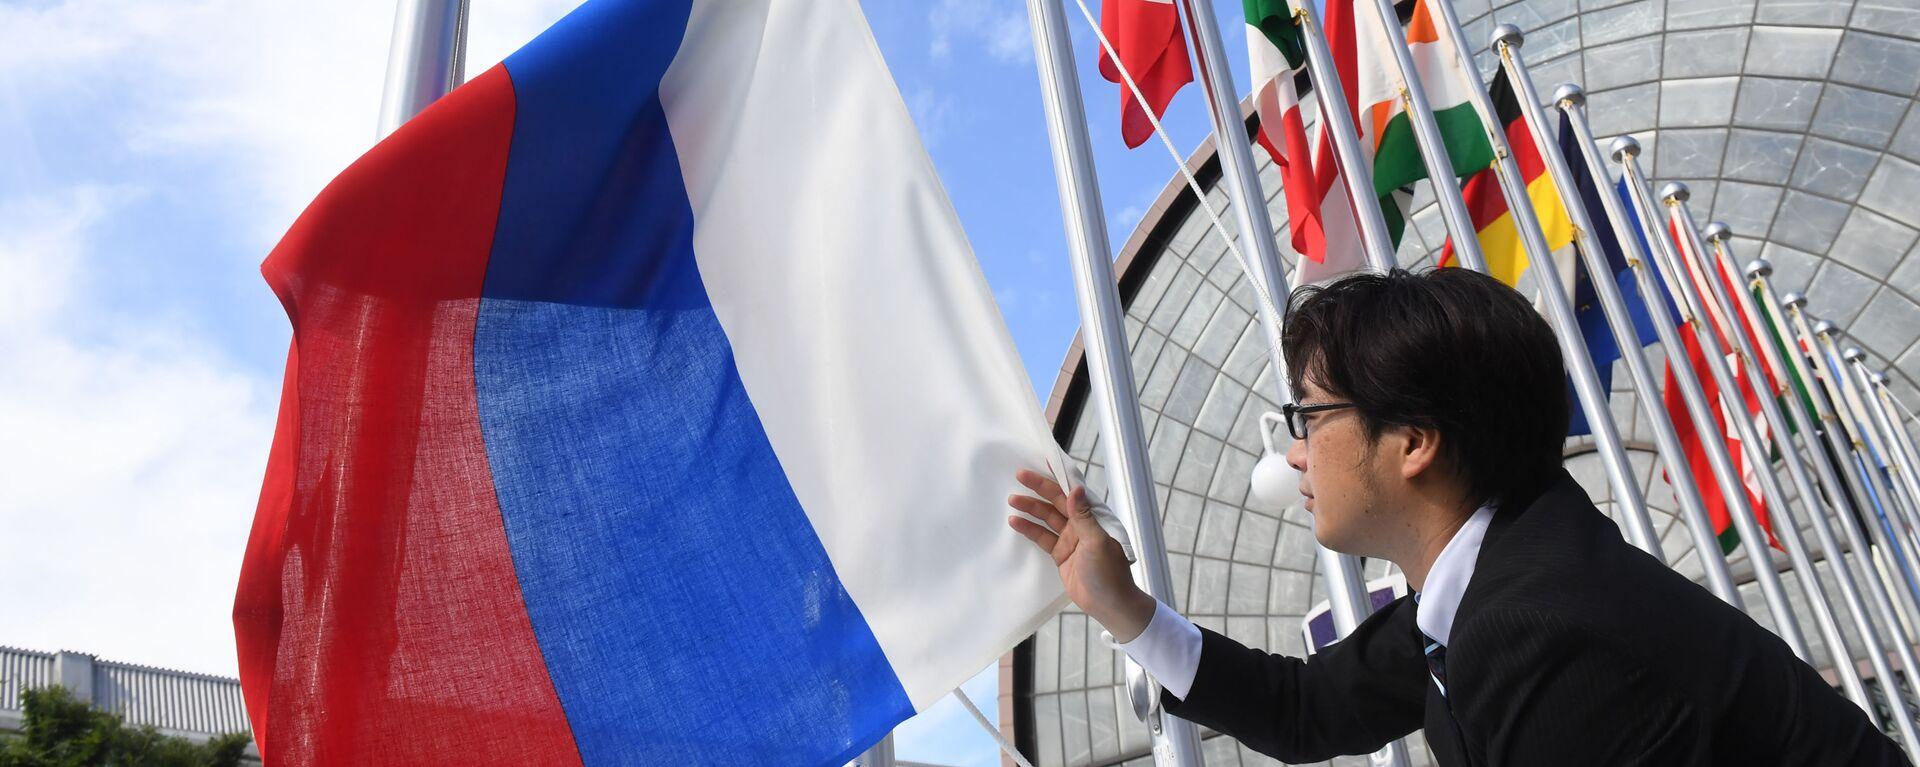 Вывешивание флага России у международного выставочного центра INTEX Osaka перед открытием саммита Группы двадцати в японской Осаке - Sputnik Таджикистан, 1920, 05.09.2021